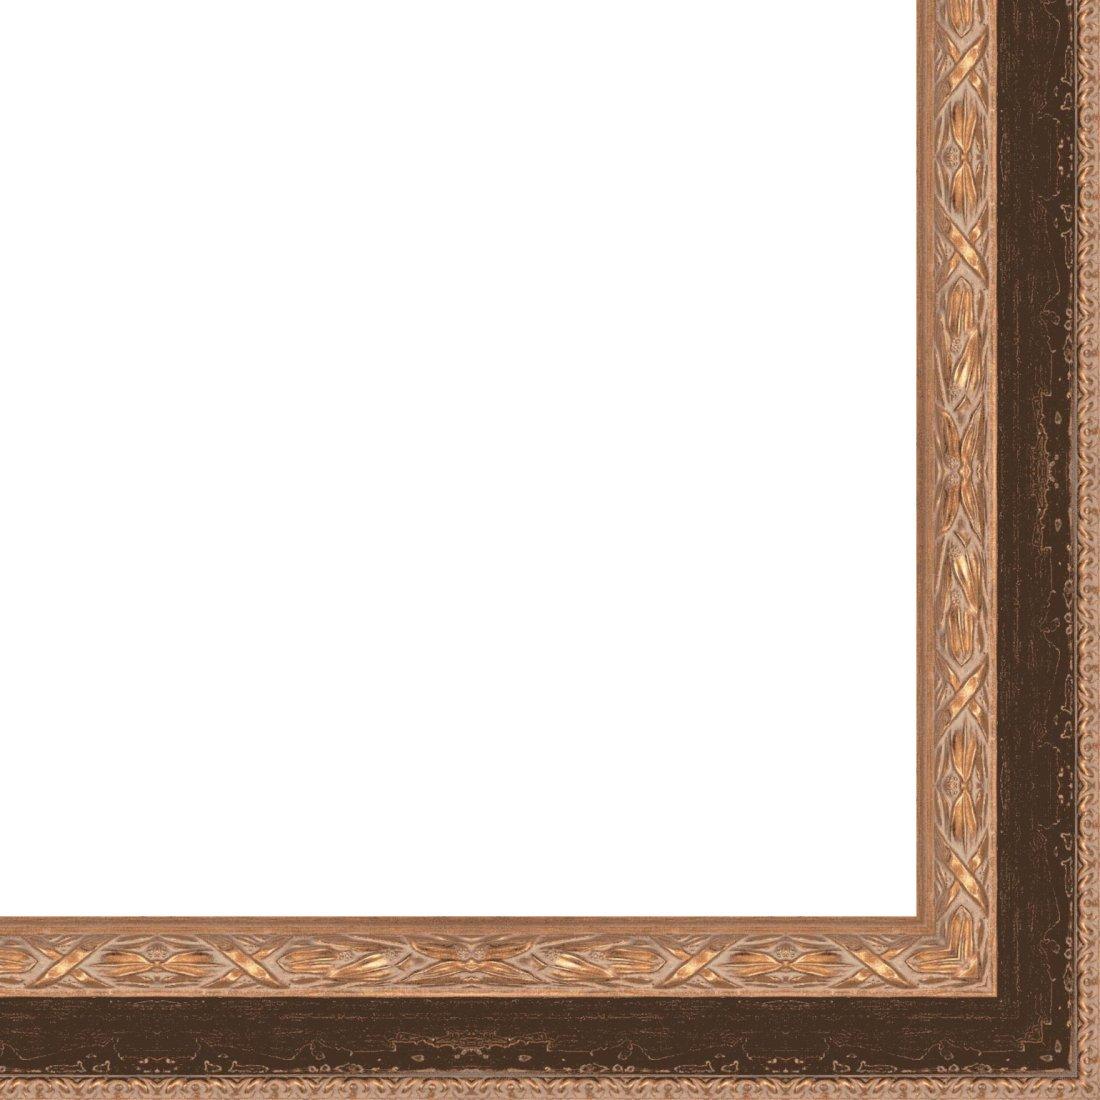 Picture Frame Moulding (Wood) 18ft bundle - Distressed/Aged Black Finish - 4.25'' width - 1 1/4'' rabbet depth